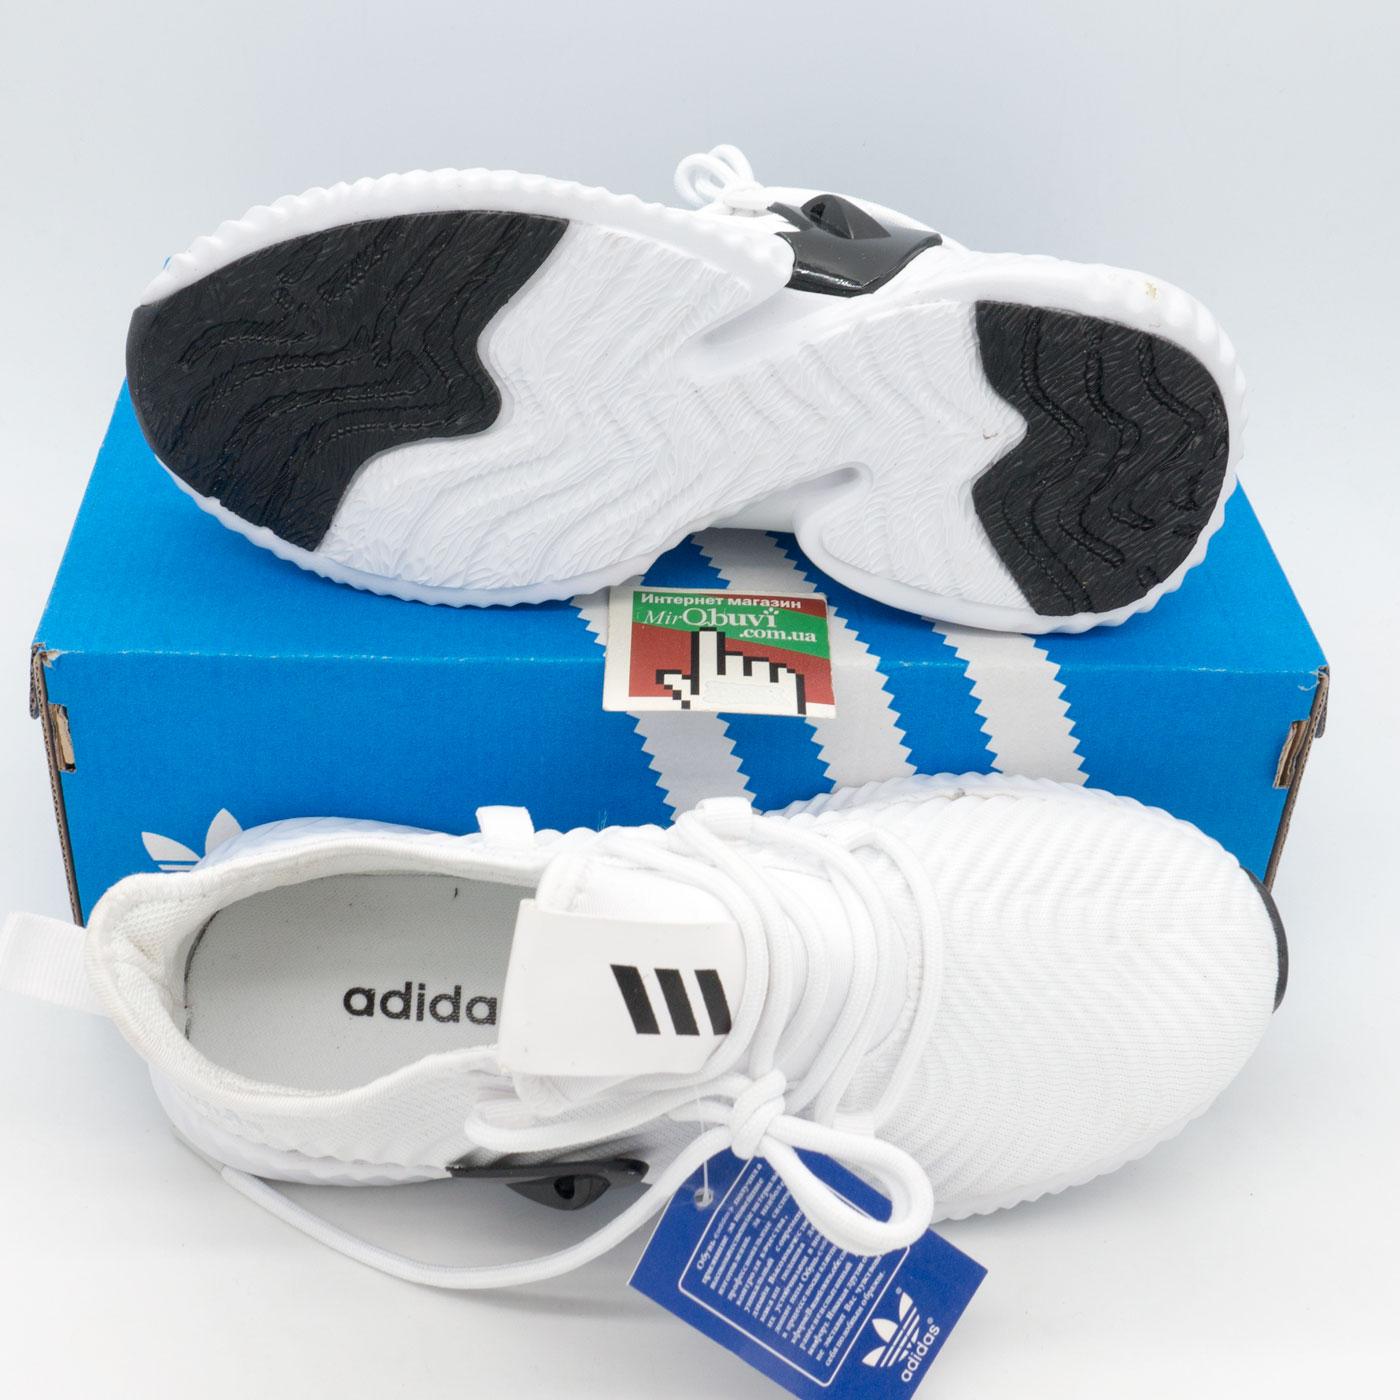 фото bottom Женские кроссовки Adidas Alphabounce Instinct белые. bottom